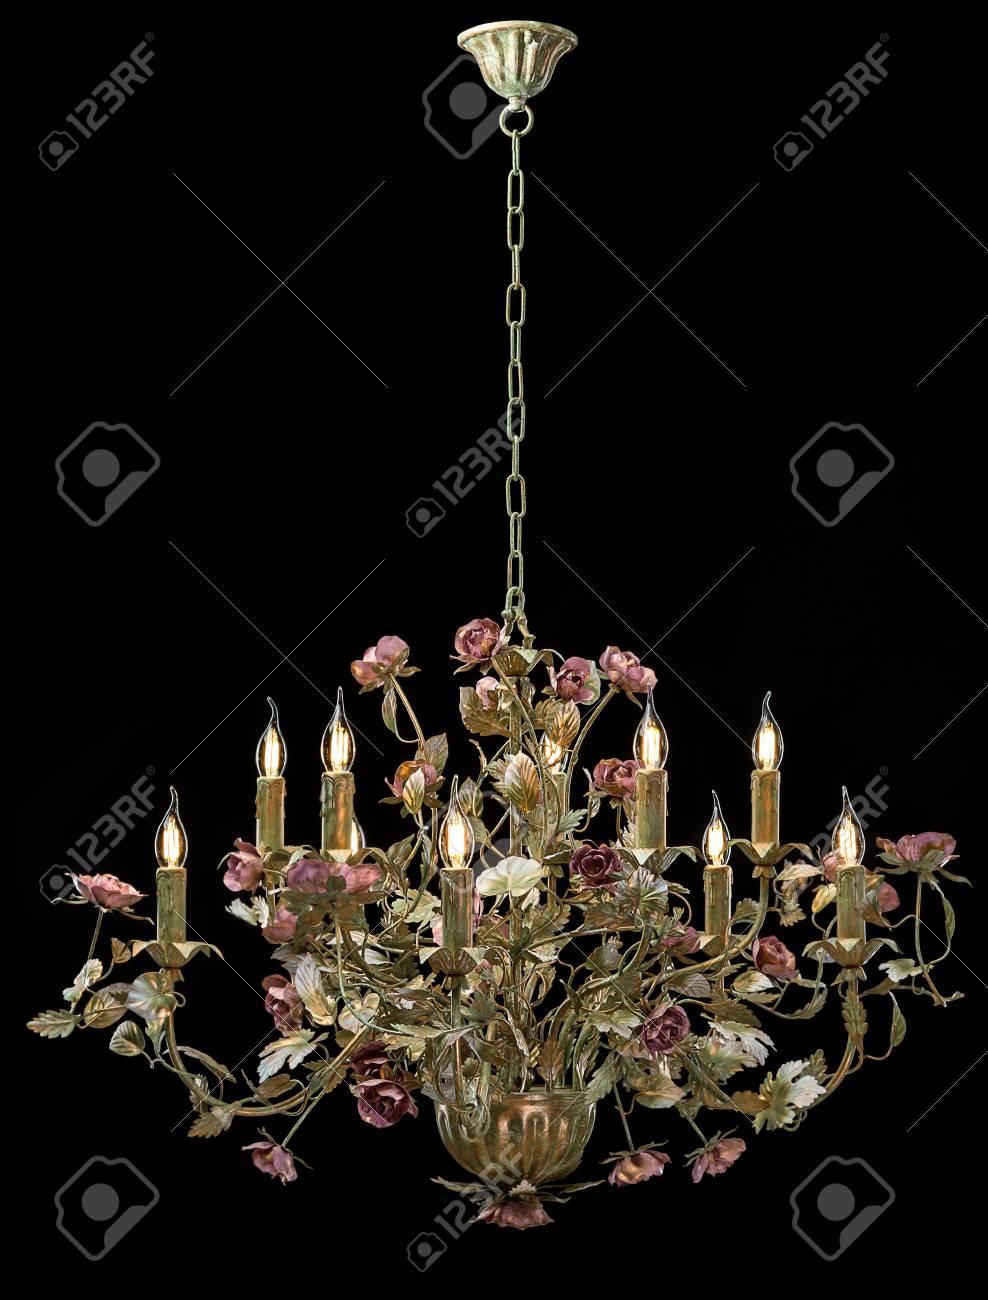 Kronleuchter Klassische Bronze Mit Geschweiften Lampenschirmen Blumen Und  Goldenen Blättern. Standard Bild   77905248